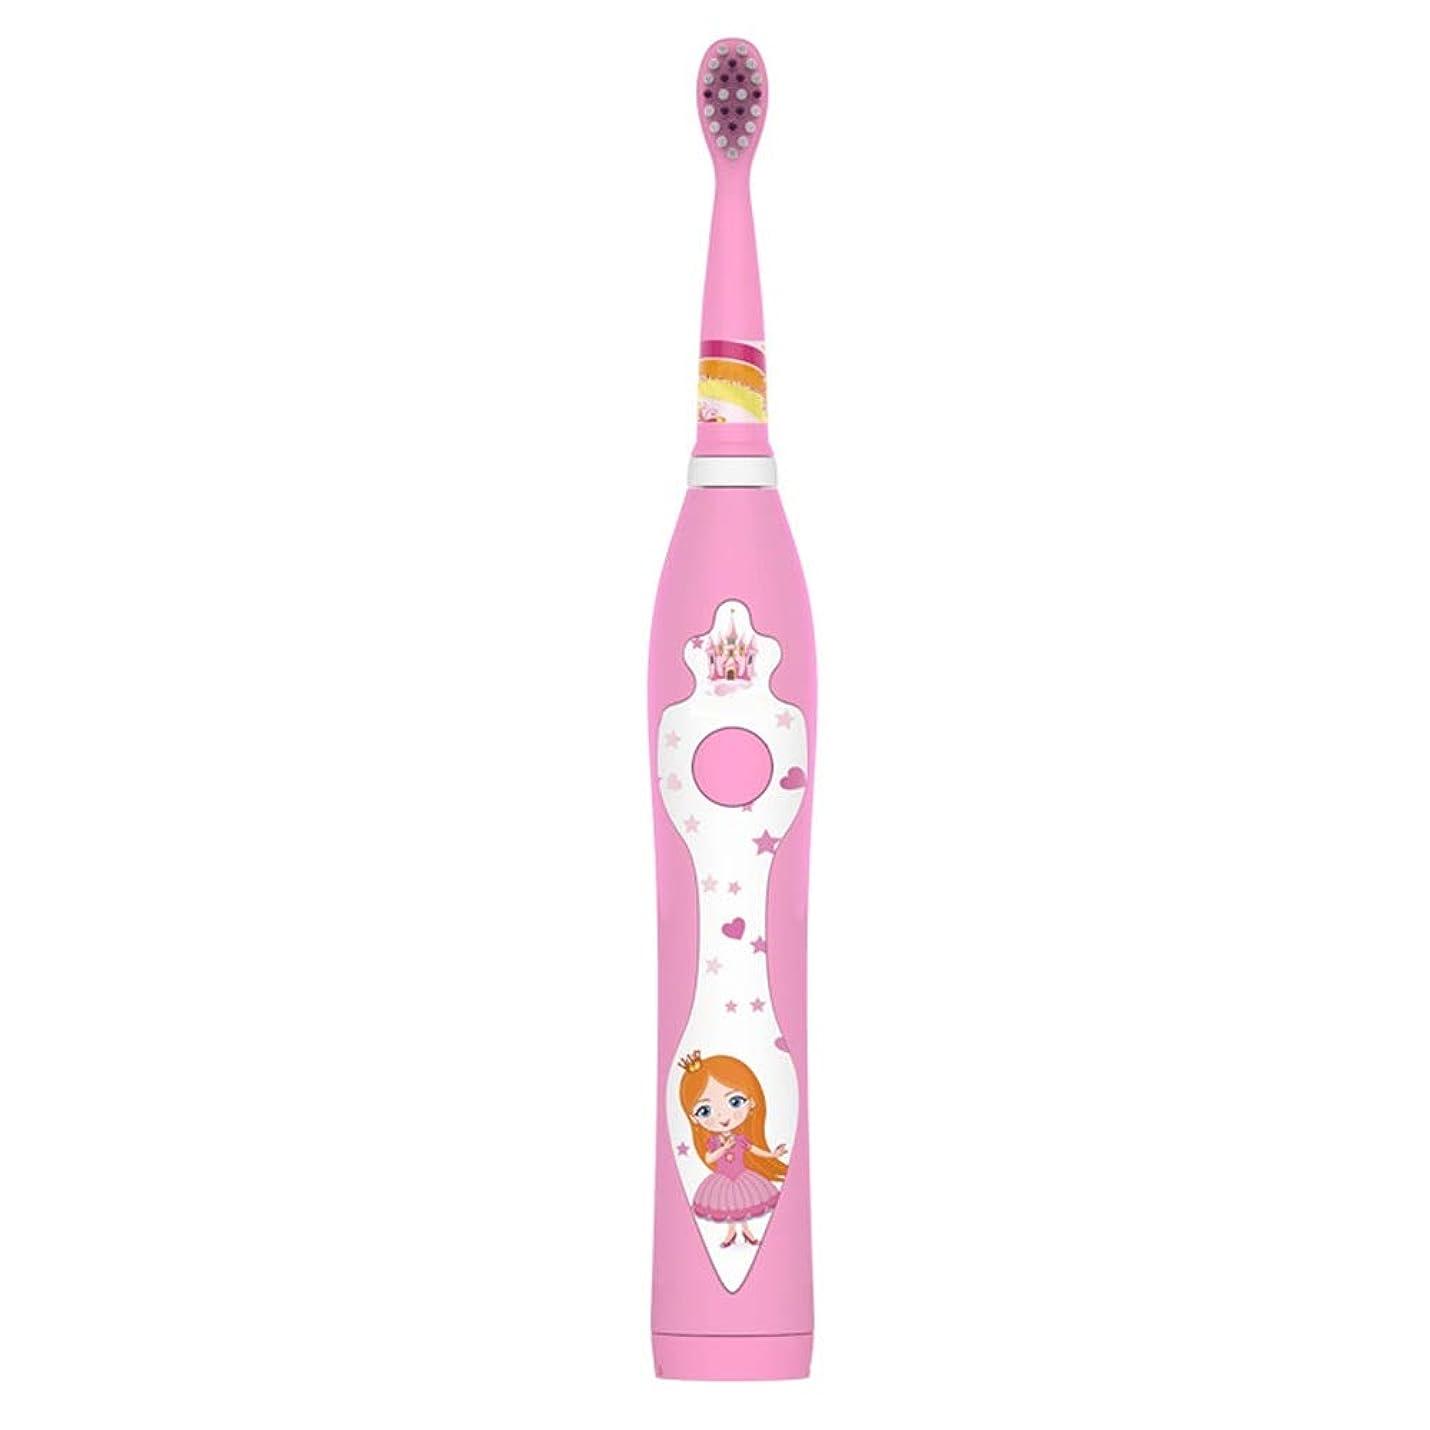 非武装化地質学トリクル自動歯ブラシ 子供のための2つの取り替えの頭部およびホールダーが付いている子供のかわいいUSBの再充電可能な電動歯ブラシ (色 : ピンク, サイズ : Free size)